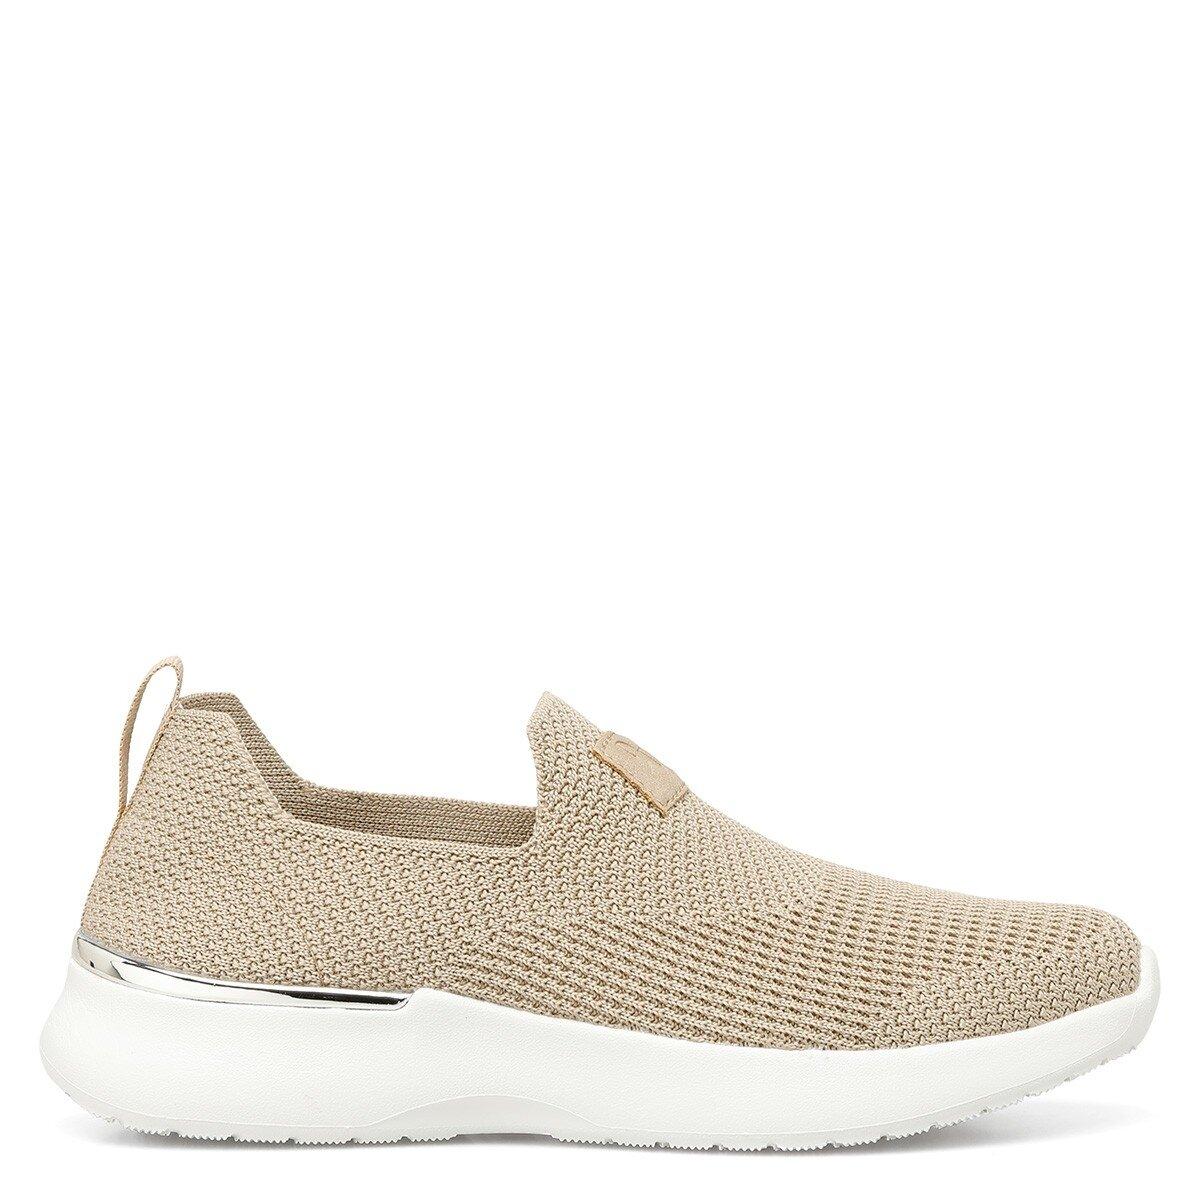 RENEE2 1FX Kum Rengi Kadın Slip On Ayakkabı